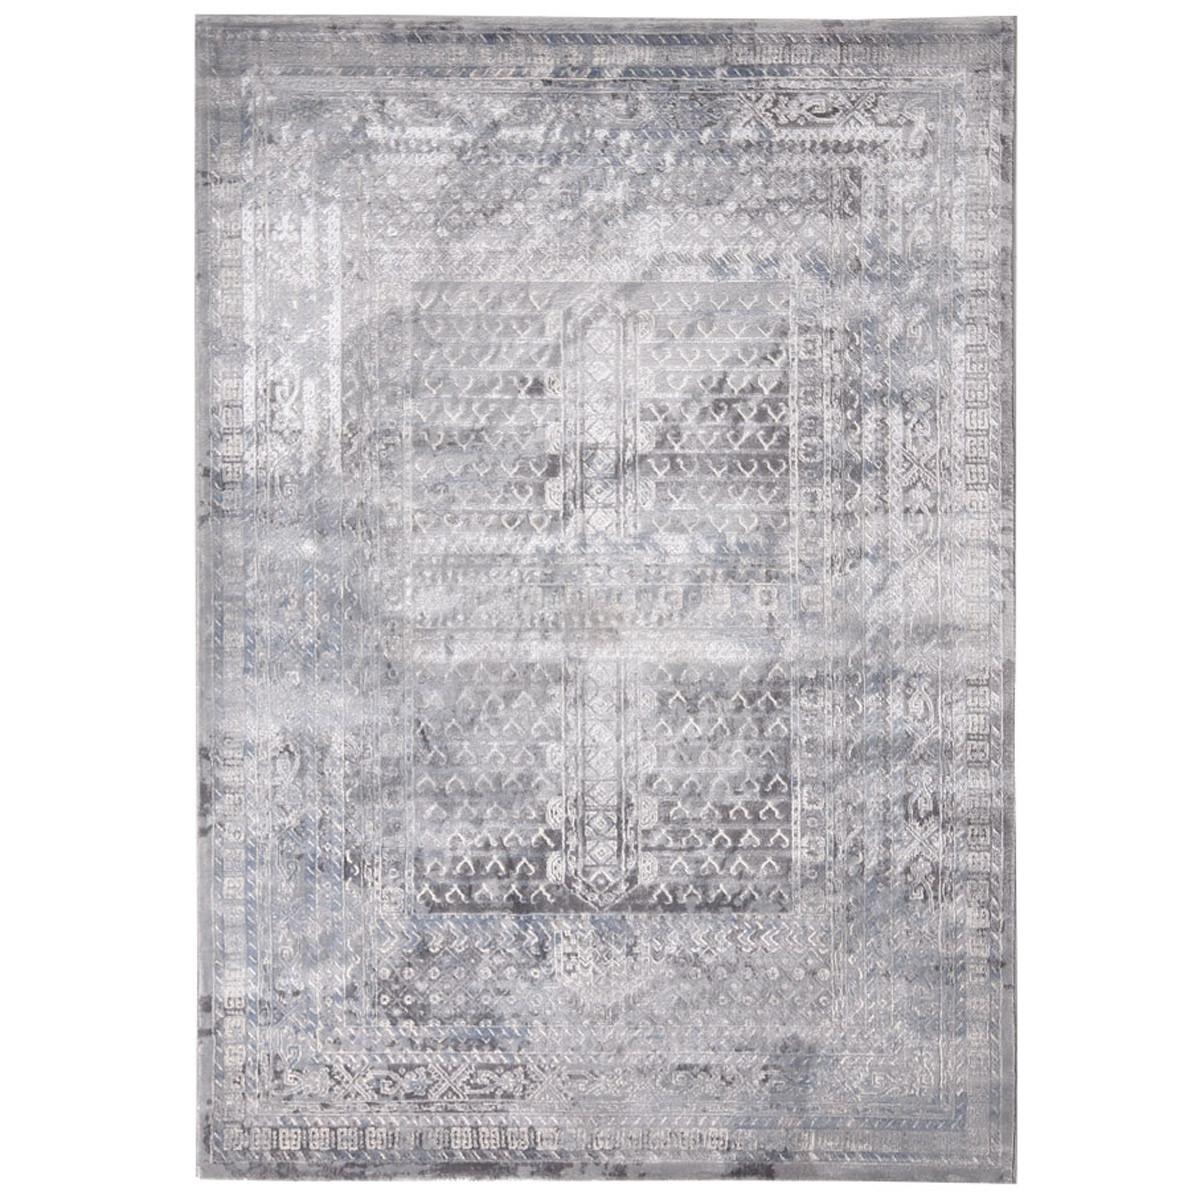 Χαλιά Κρεβατοκάμαρας (Σετ 3τμχ) Royal Carpets Jersey 167 A